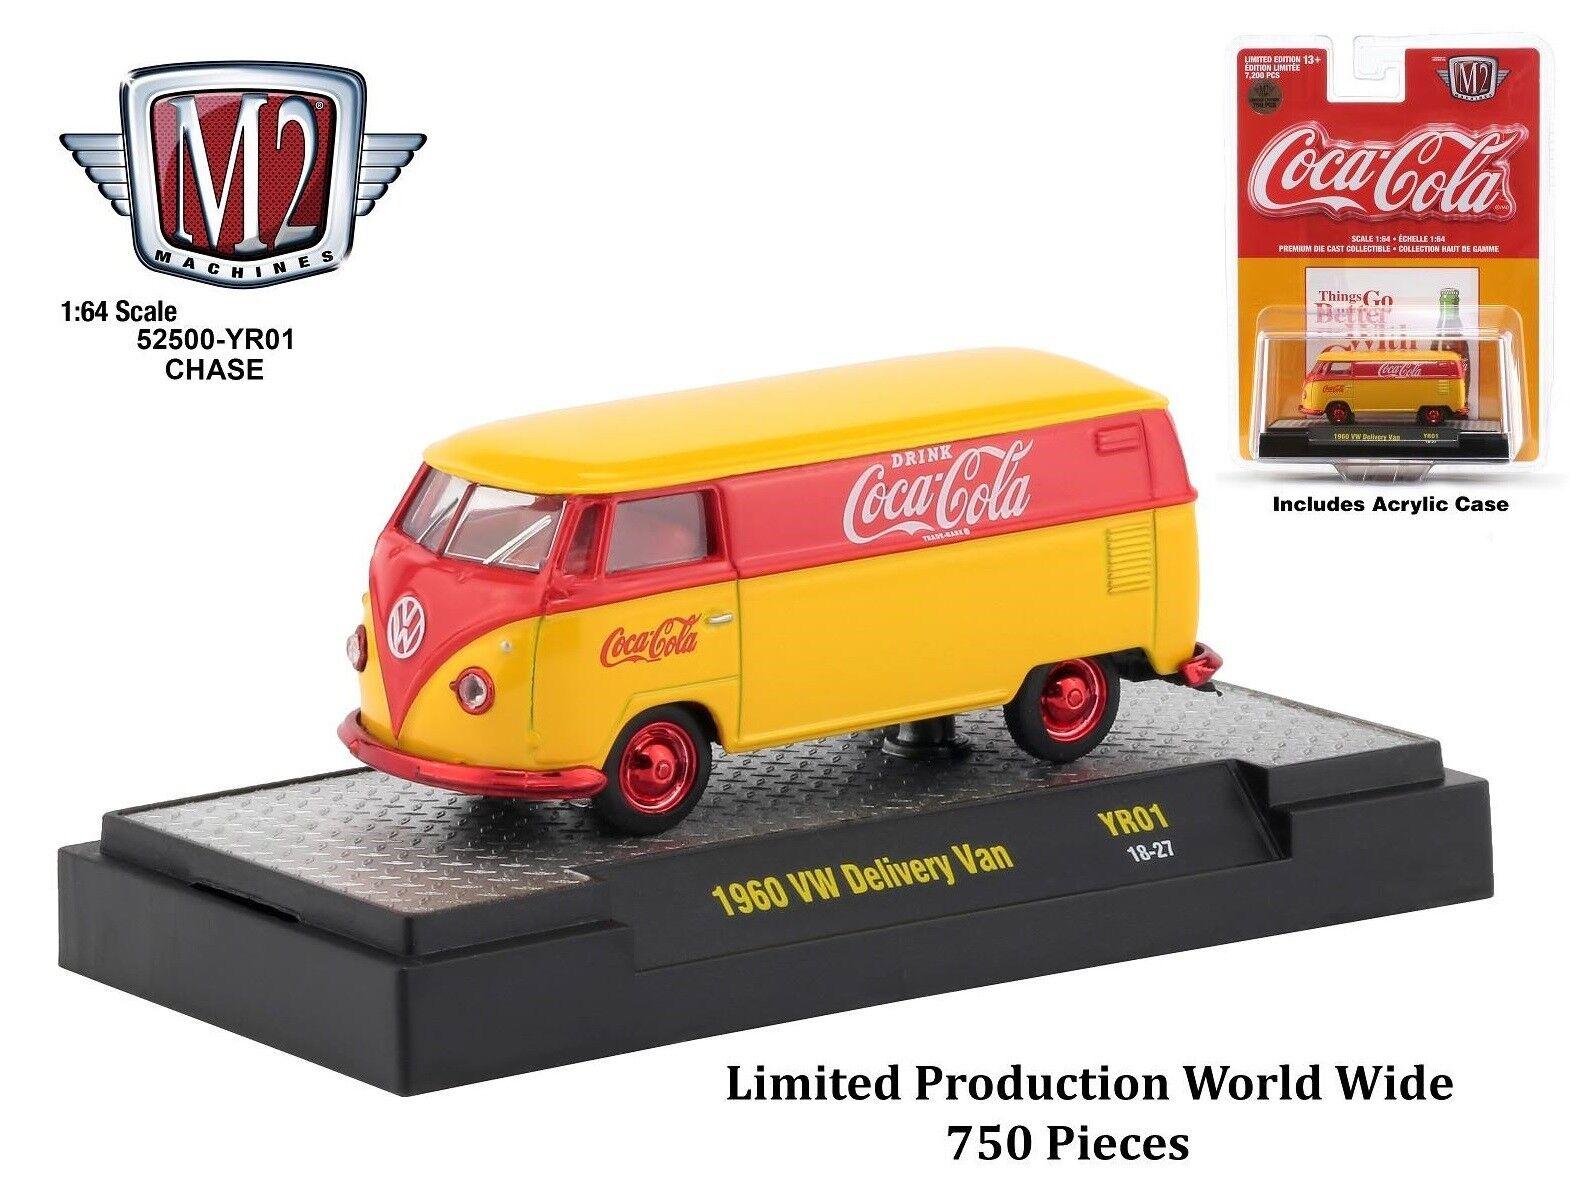 Venta al por mayor barato y de alta calidad. 1 1 1 64 máquinas M2  coca Cola Coke año 01   1960 VW entrega Van Chase coche